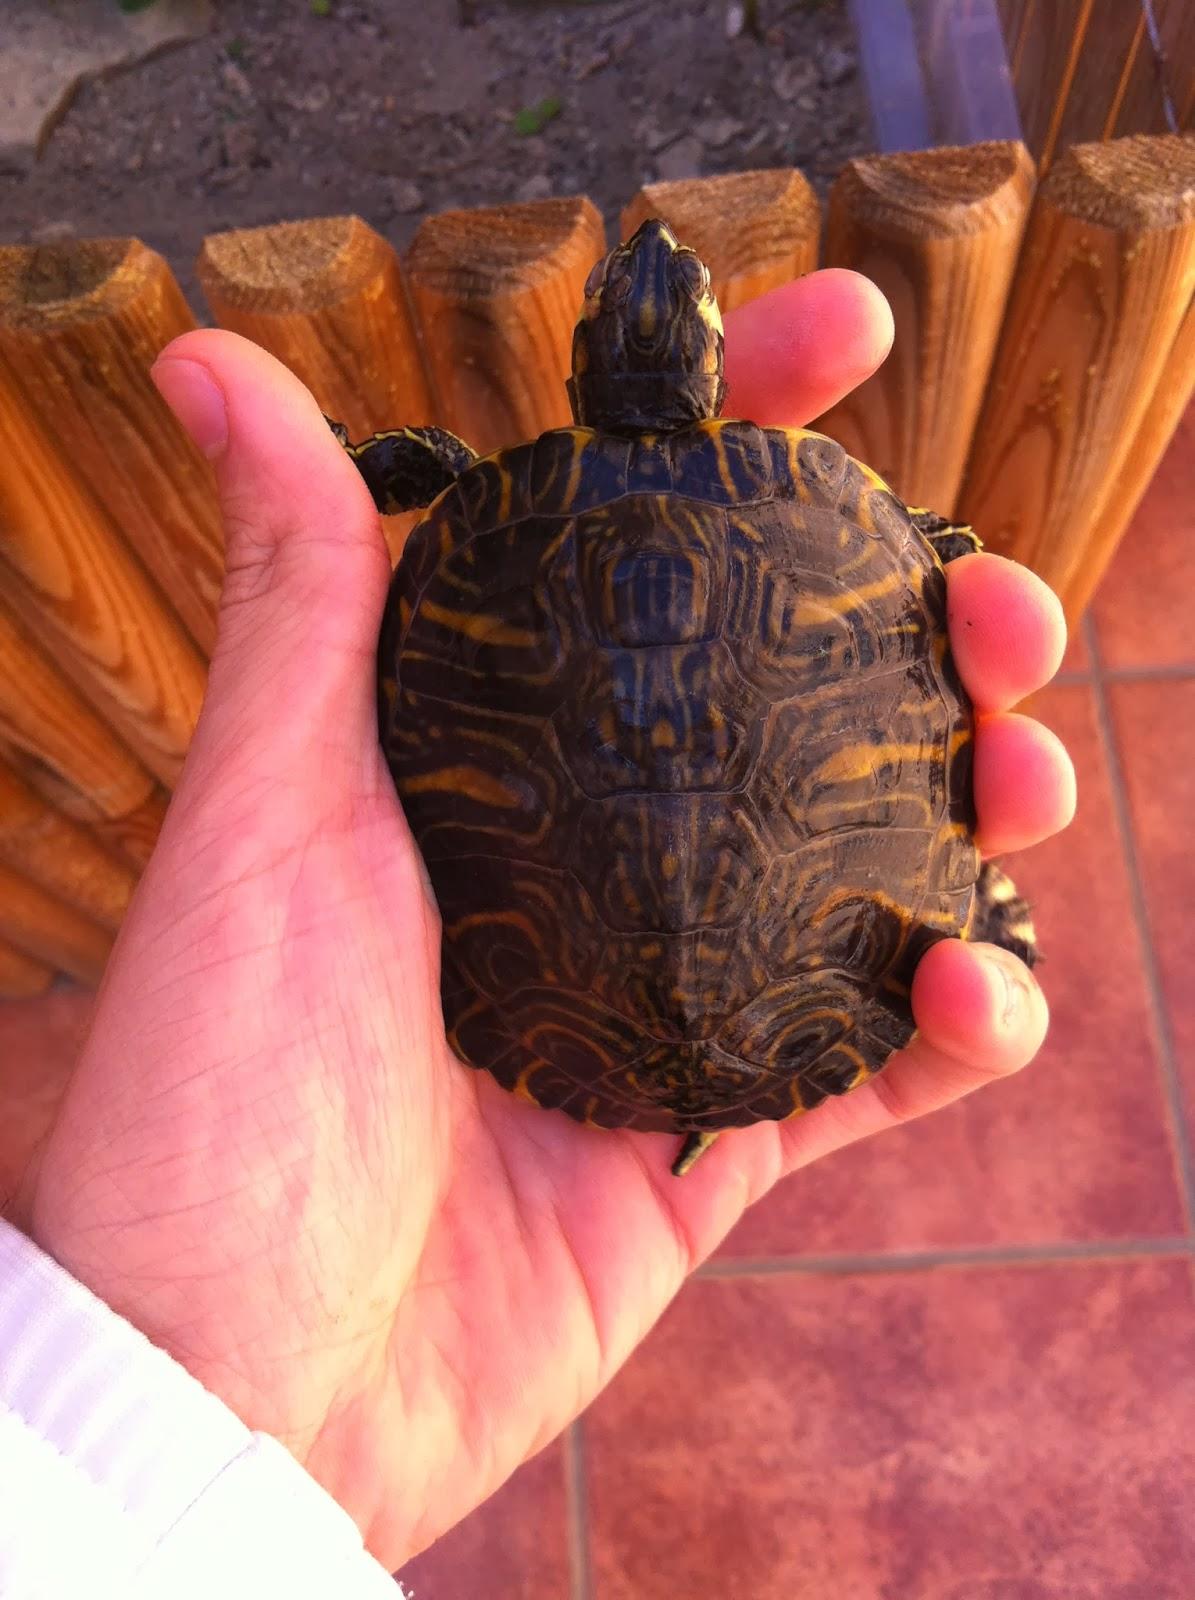 Vida tortuguera estanque prefabricado para acu ticas for Estanque prefabricado tortugas